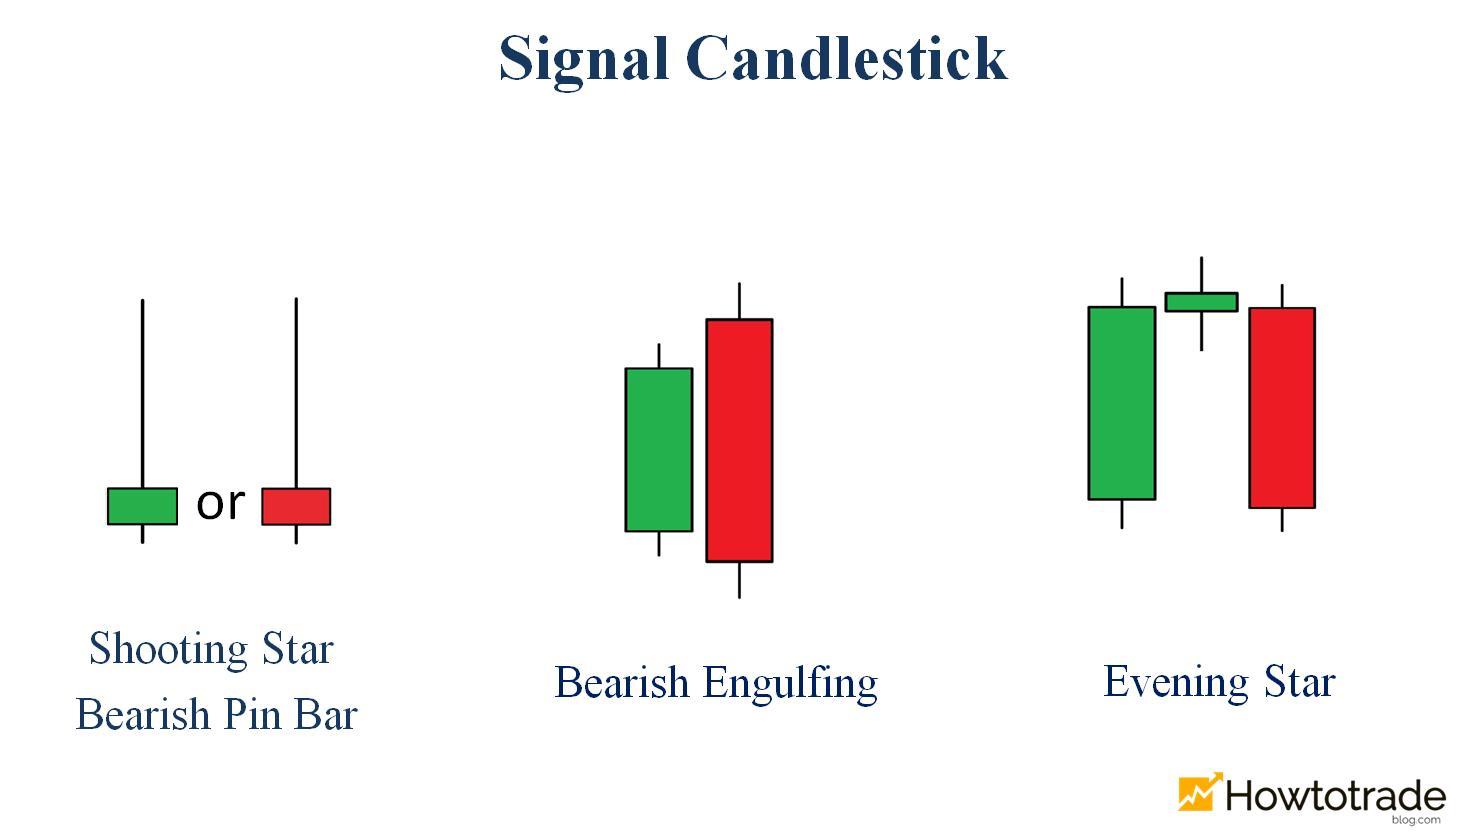 Reversal candlestick patterns from bullish to bearish